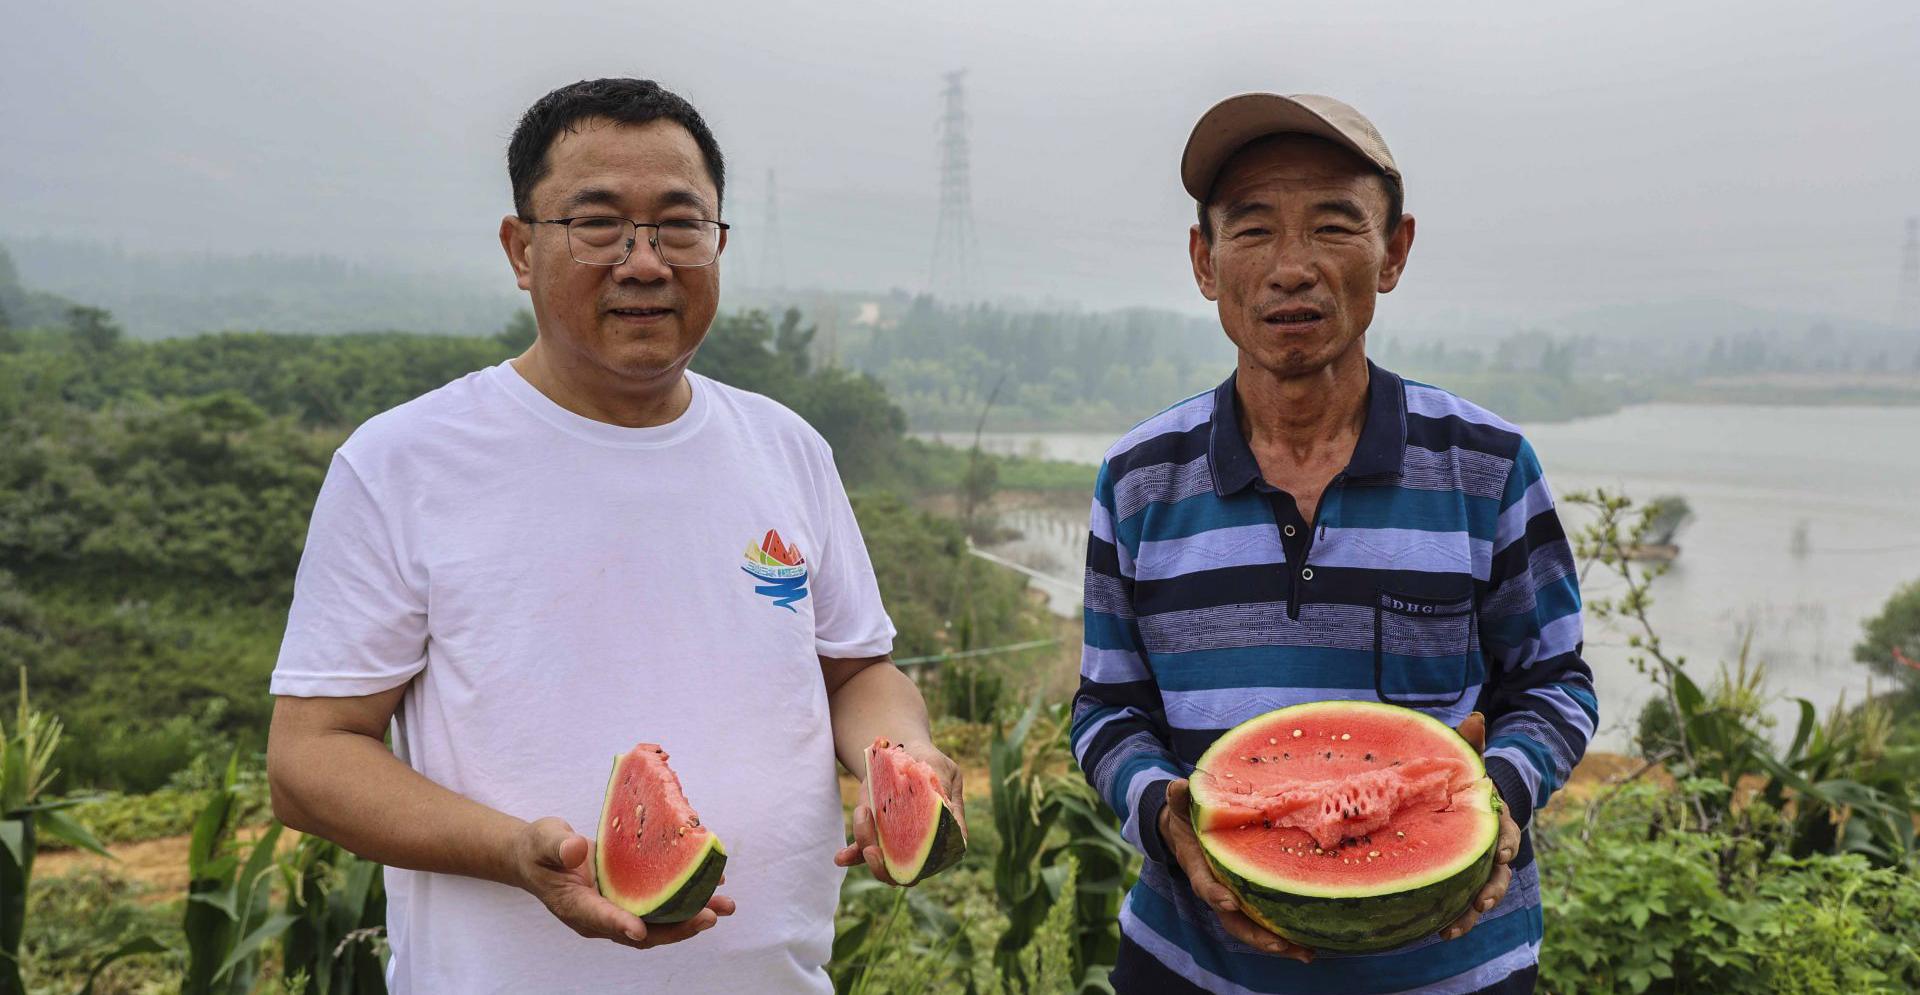 喜获大丰收 快来看看这是谁家的西瓜这么甜?